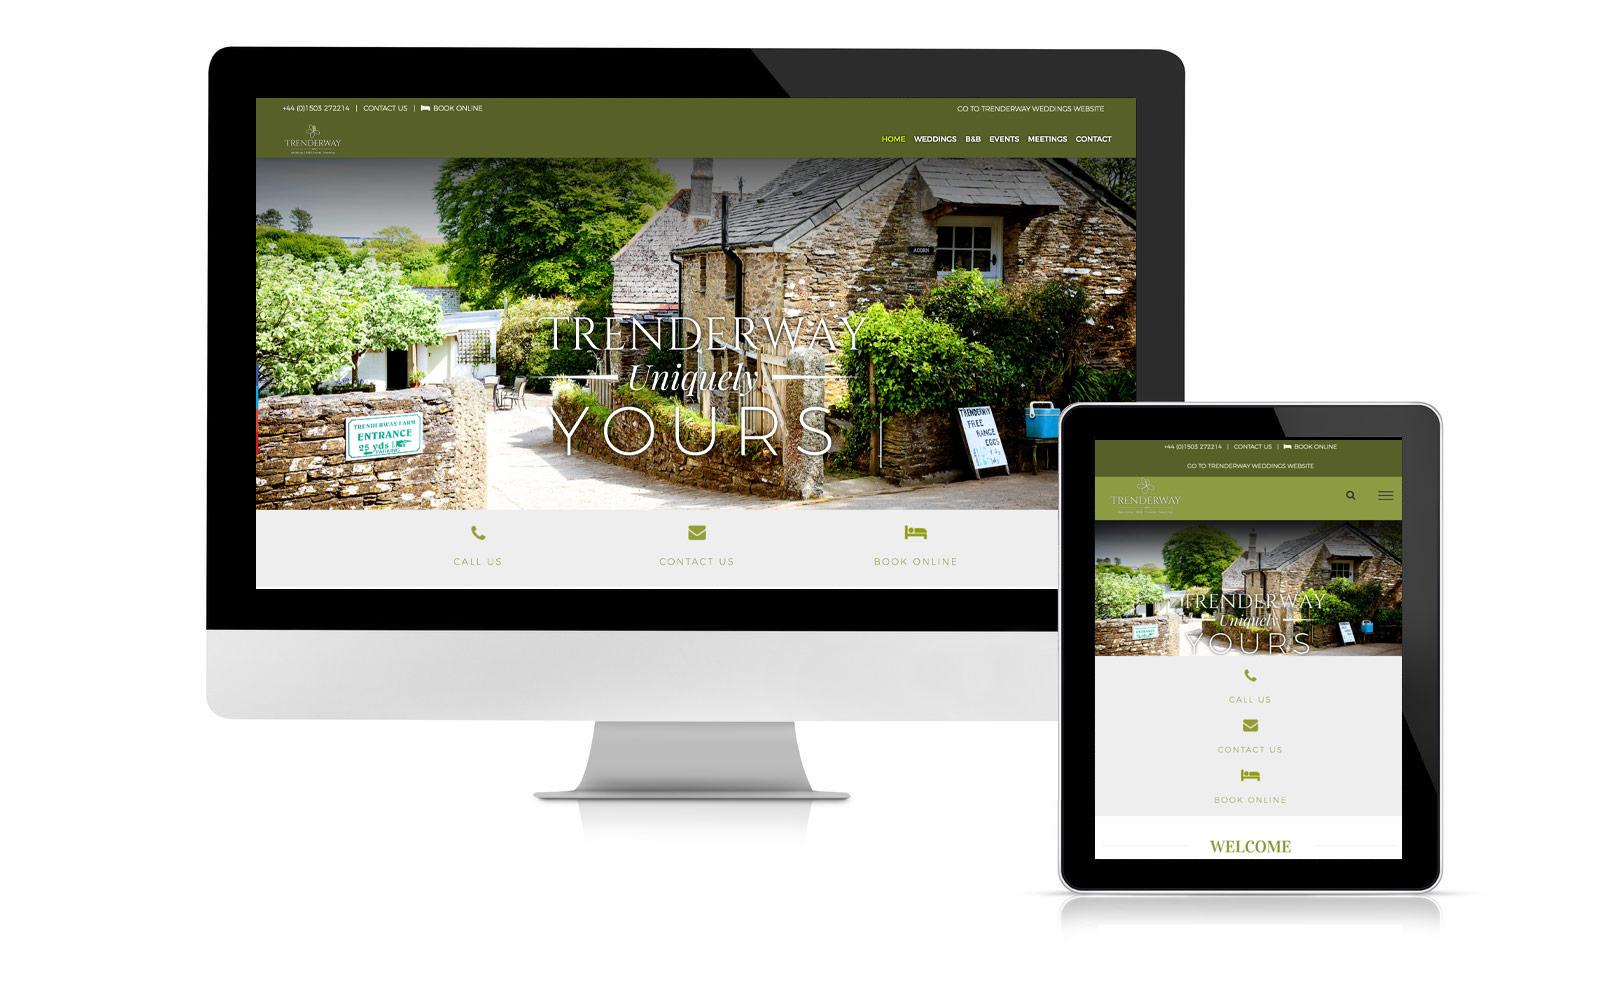 Trenderway website design